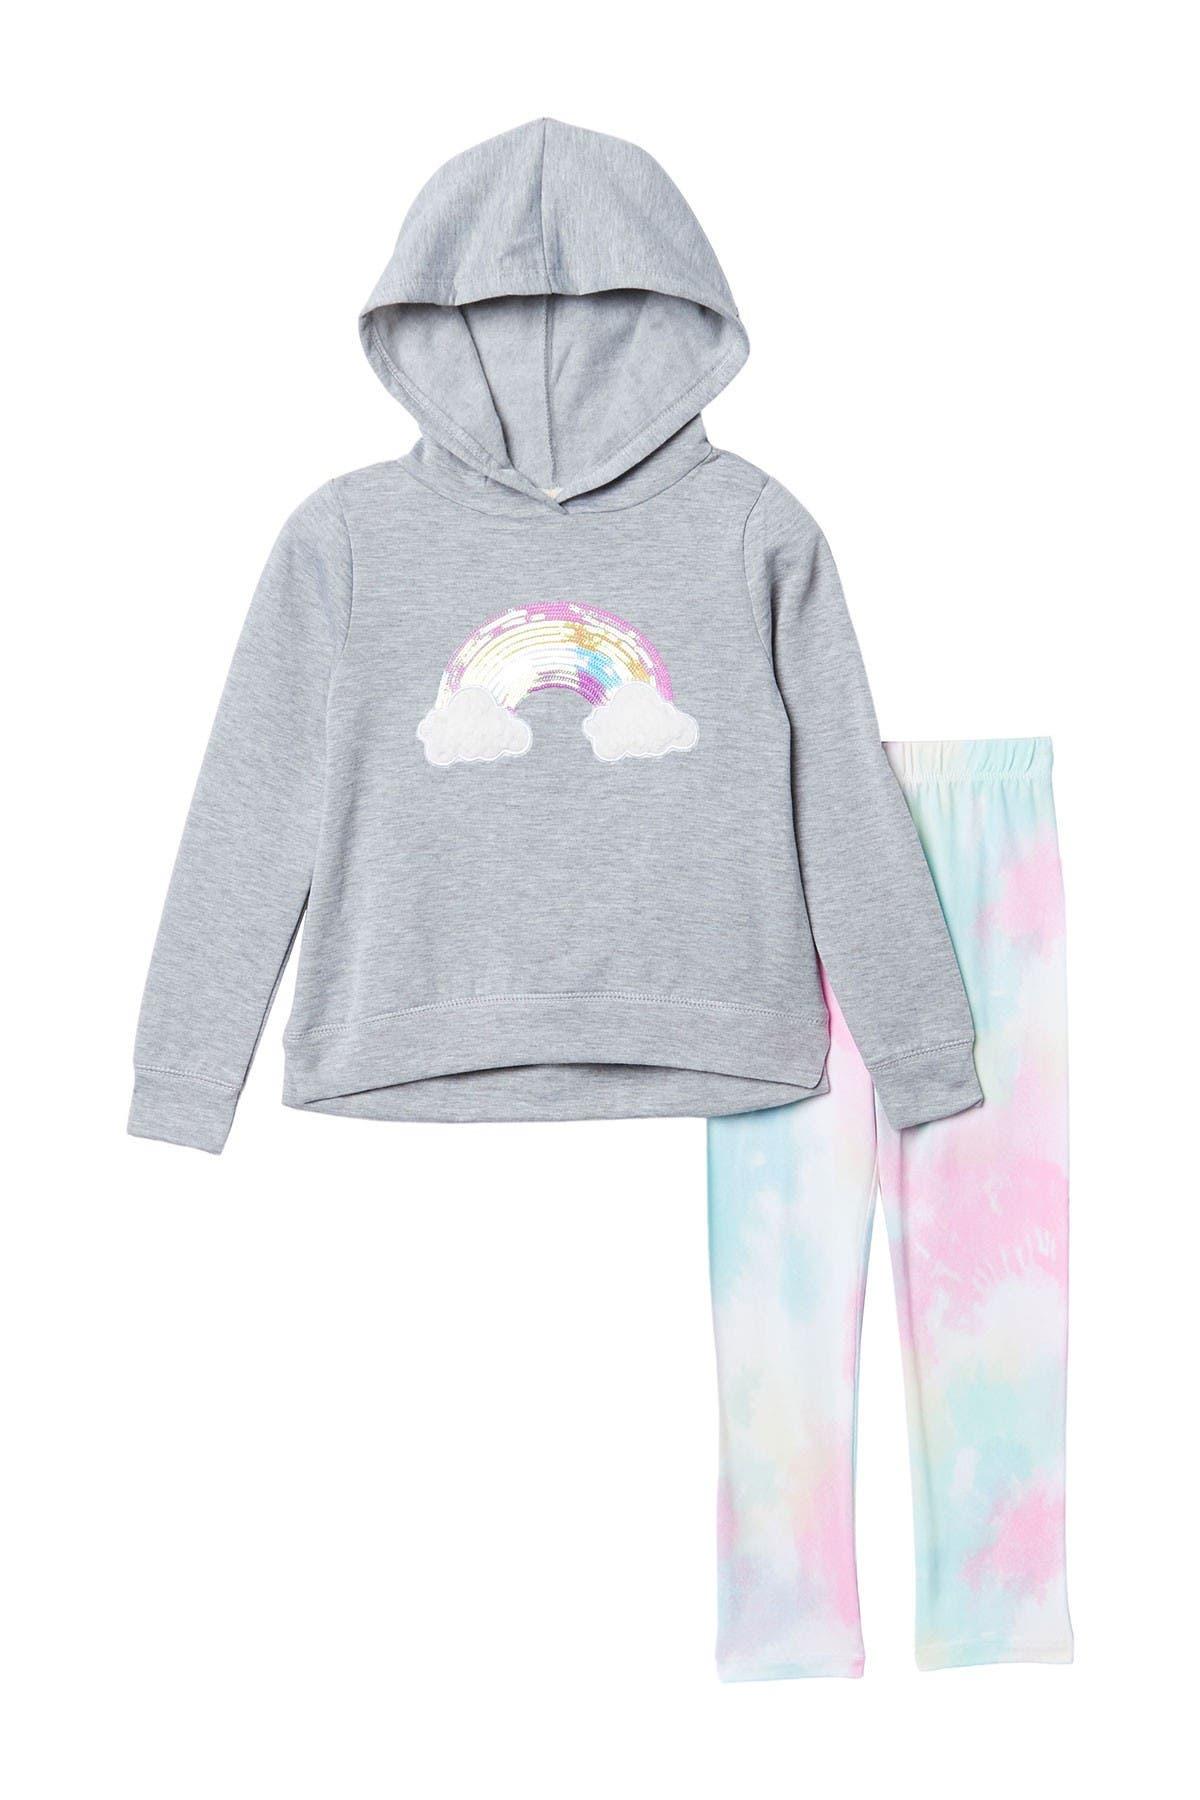 Image of Btween Rainbow Tie-Dye Fleece Hoodie & Leggings Set